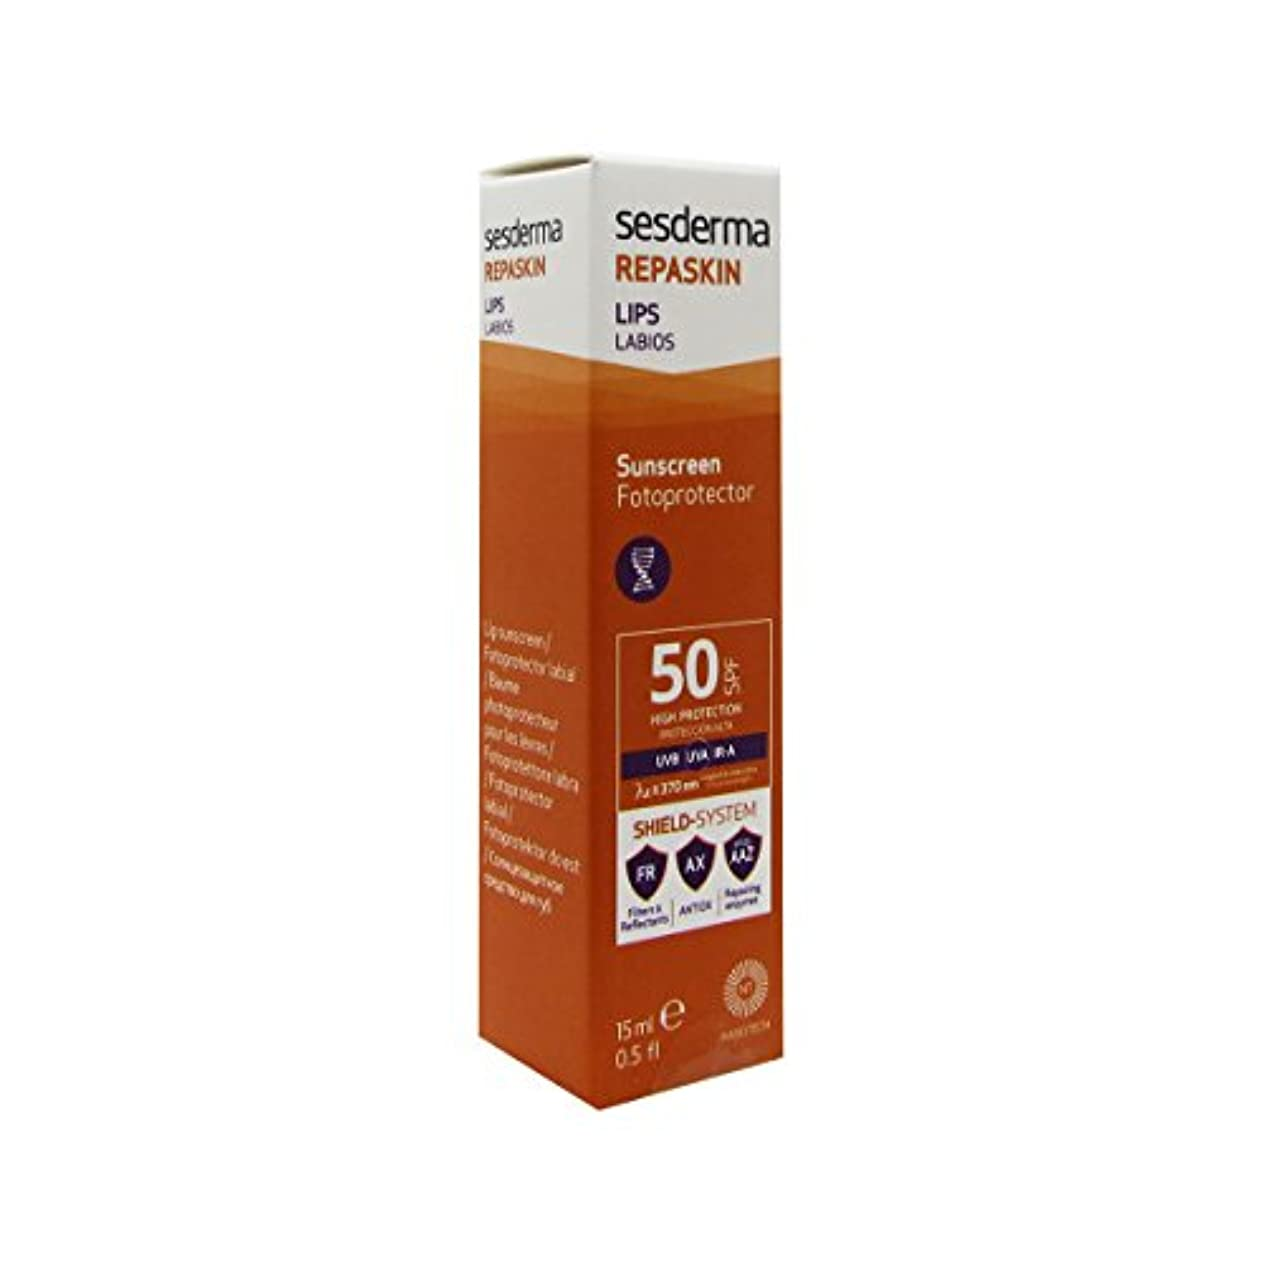 チロほこりポーズSesderma Repaskin Lips Spf50 15ml [並行輸入品]